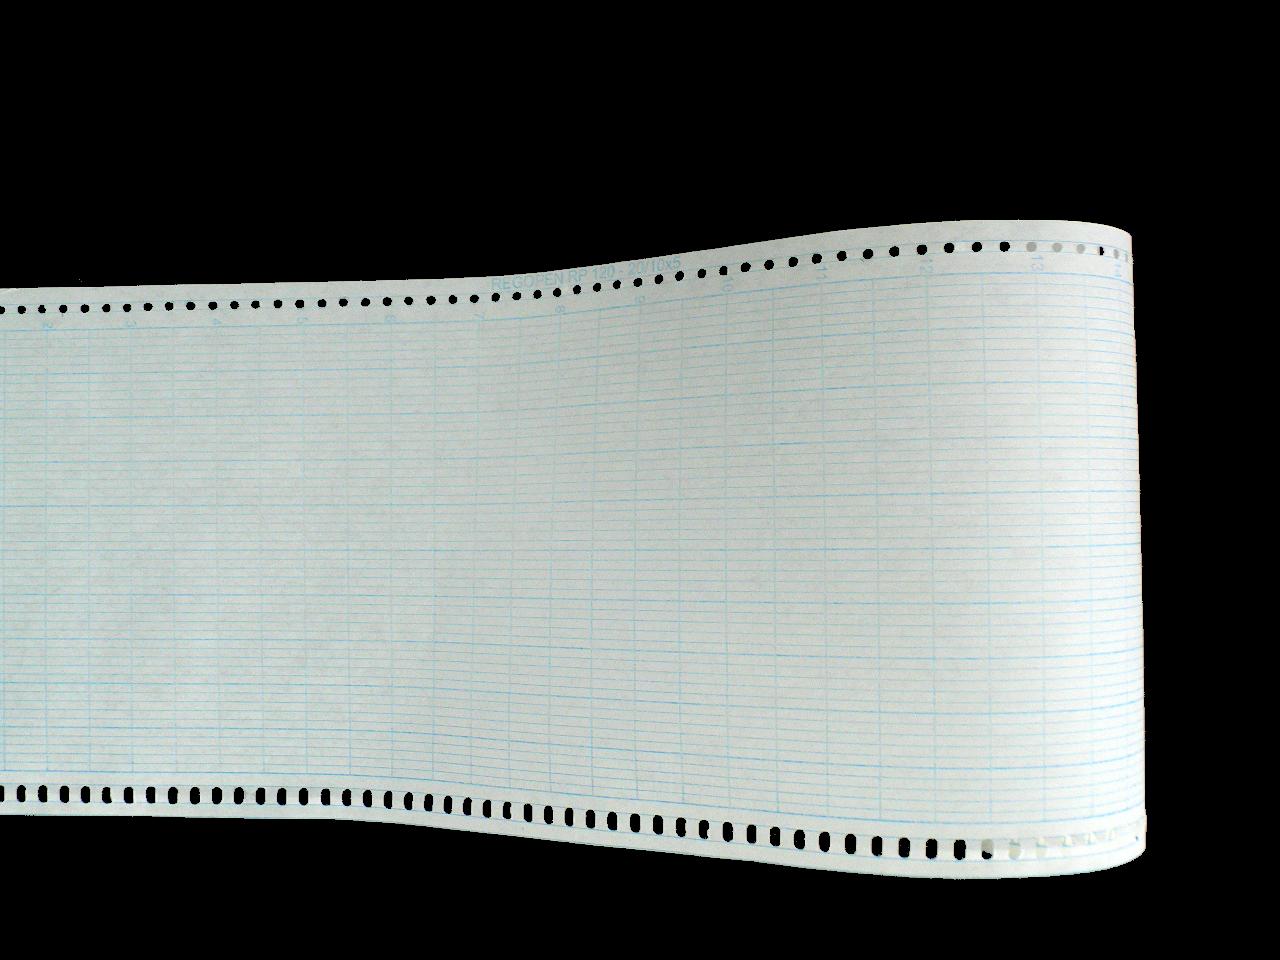 Бумага термограммная  марки REGOPEN (42,361 руб/кв.м)